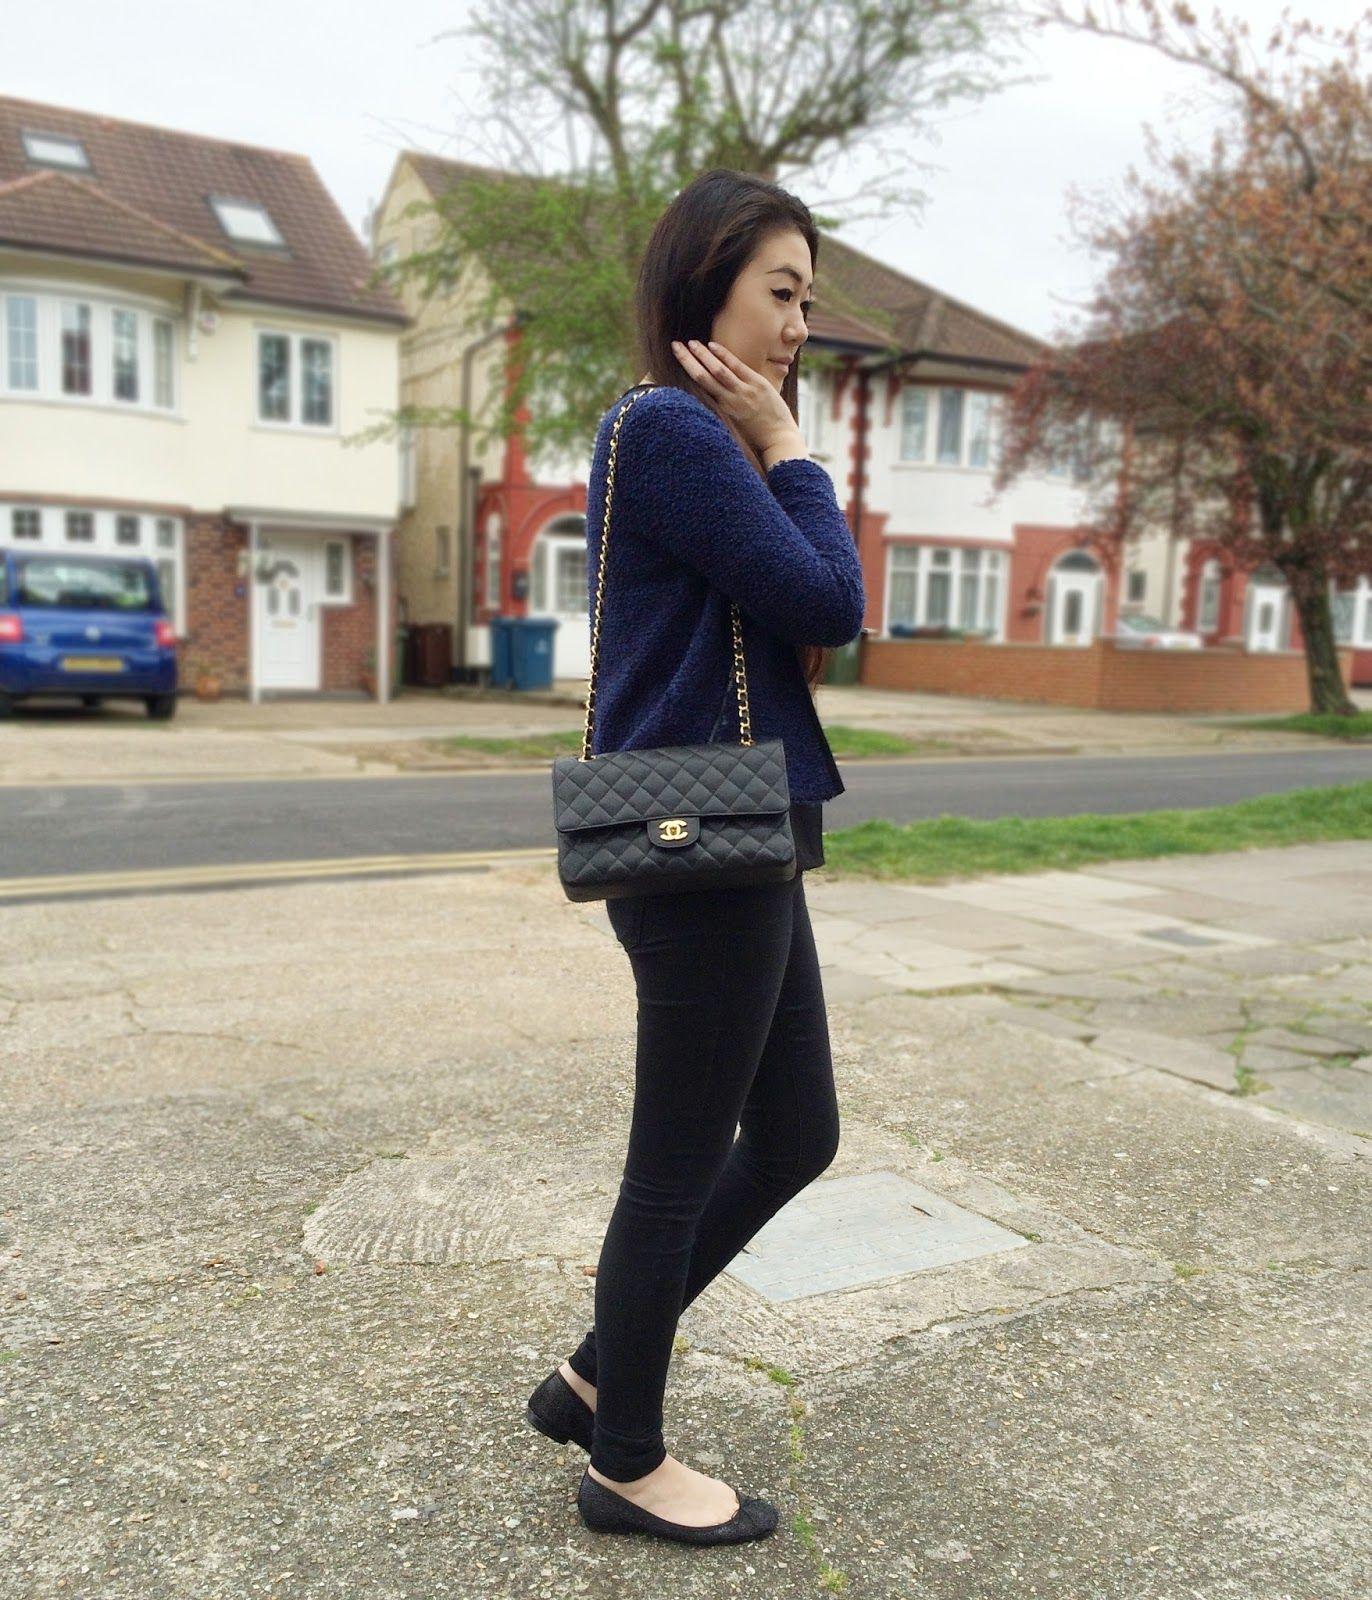 f57f778f ASOS navy blue boucle blazer jacker, Zara black shiny ballerina flats, Zara  sparkly ballerina